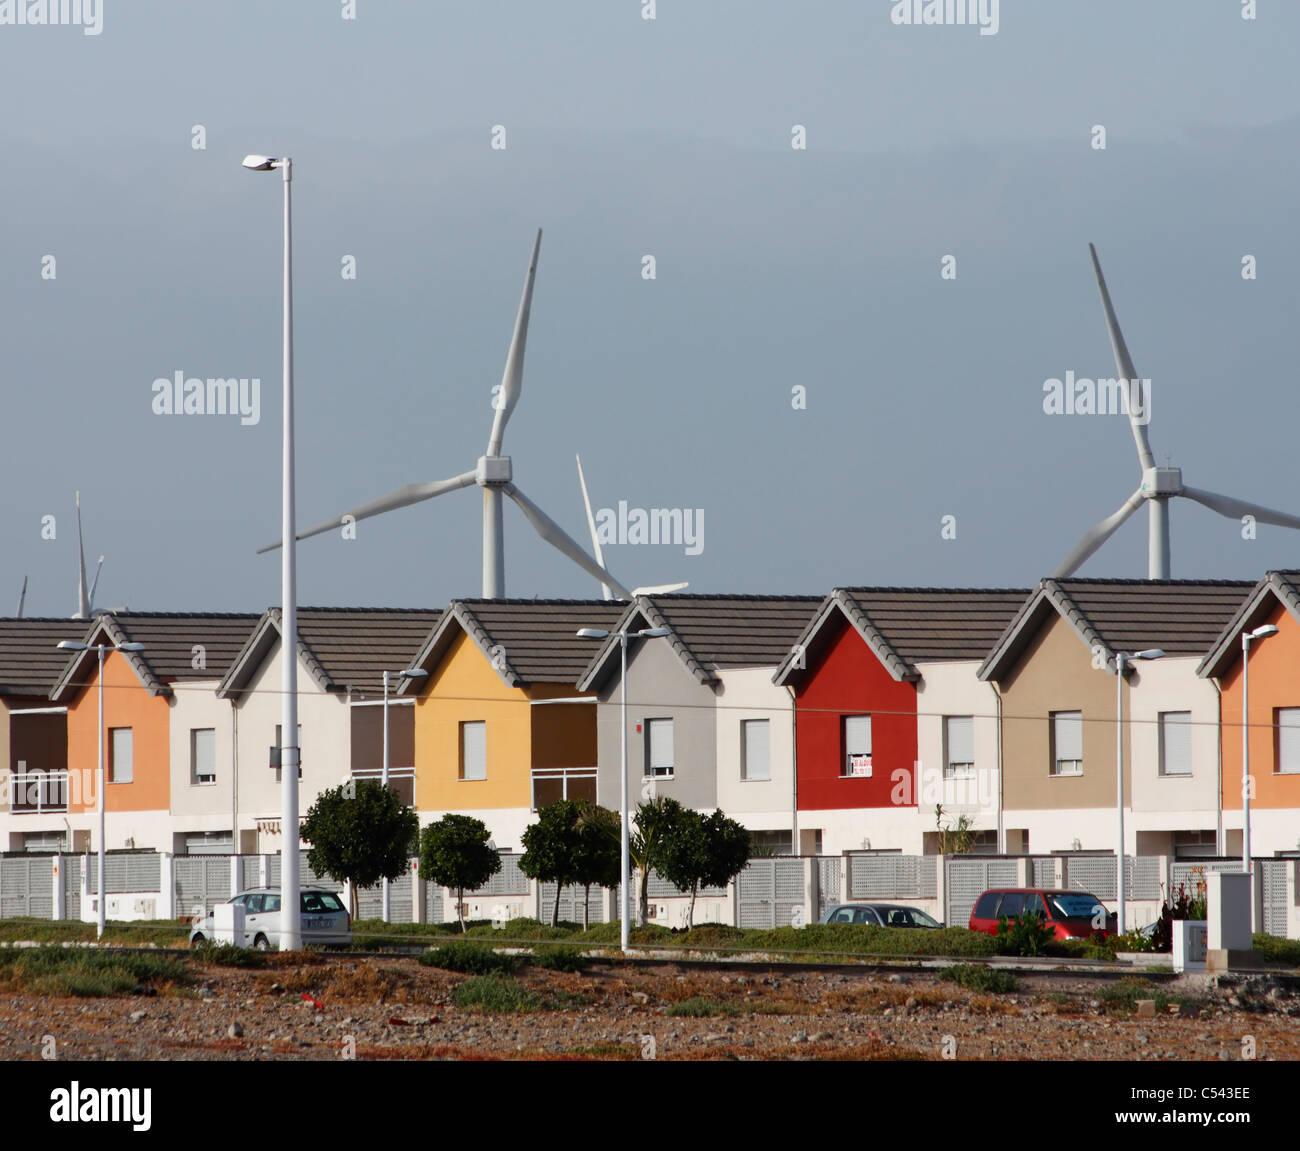 Reihe Von Neuen Häusern In Der Nähe Von Windkraftanlagen Auf Gran Canaria